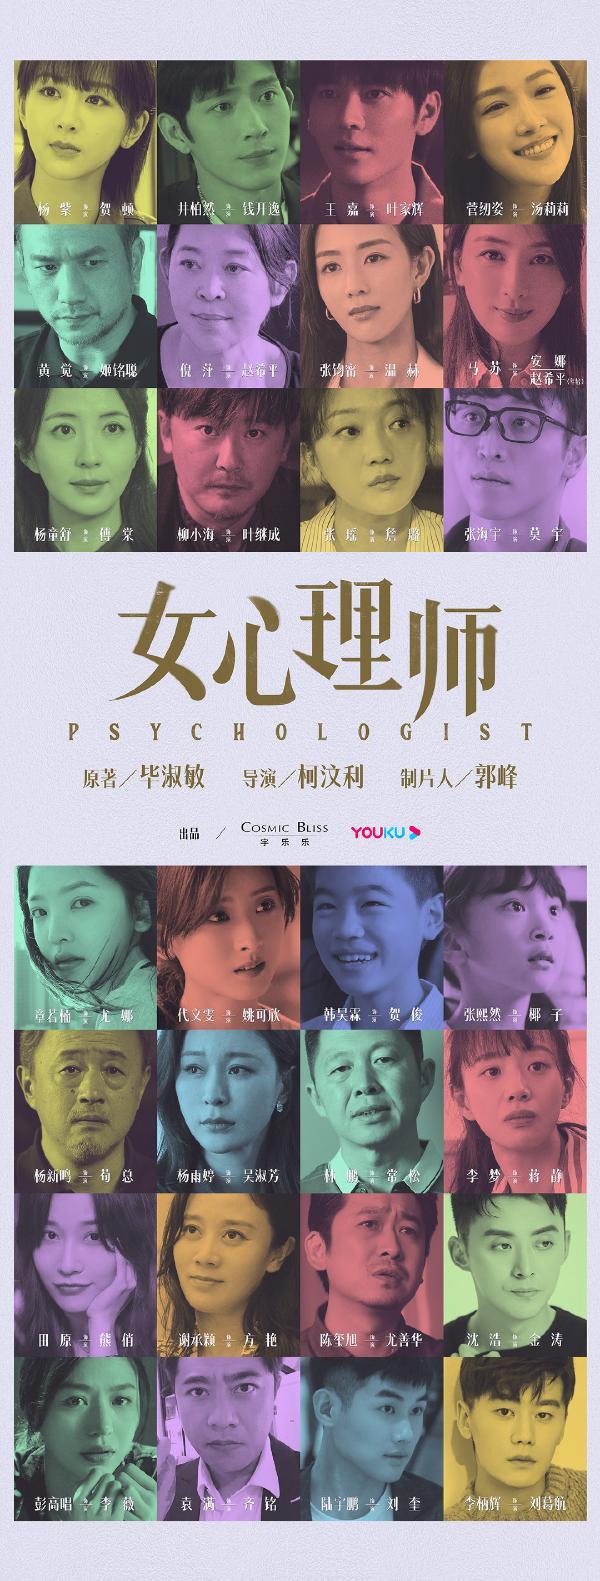 《女心理师》主演呼吁关注心理健康 (4).jpg